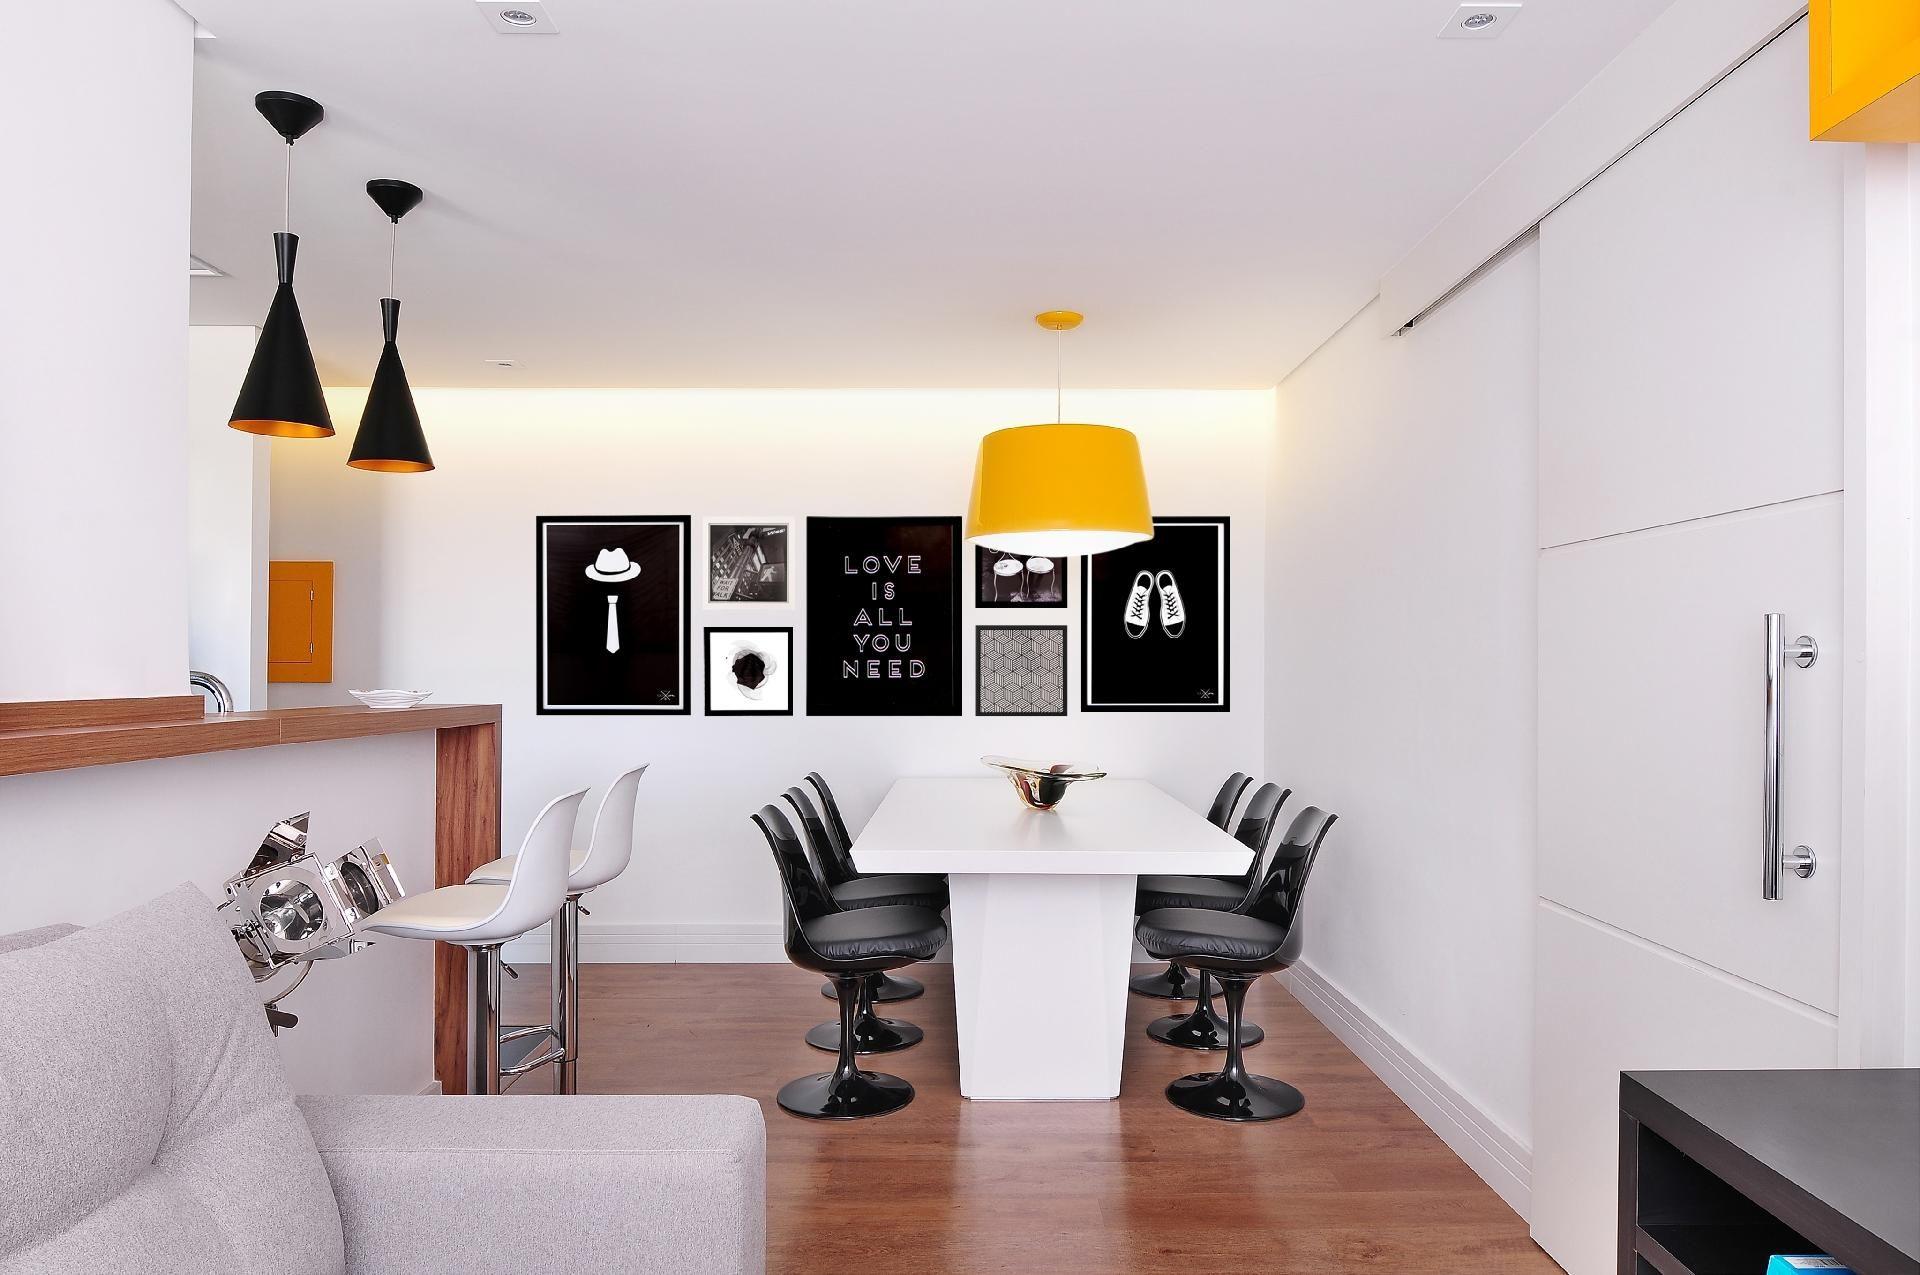 Com Reforma Ap De 55 M Ganha Sala Integrada E Azulejo Colorido  -> Decoracao De Sala Pequena Vermelha E Amarela